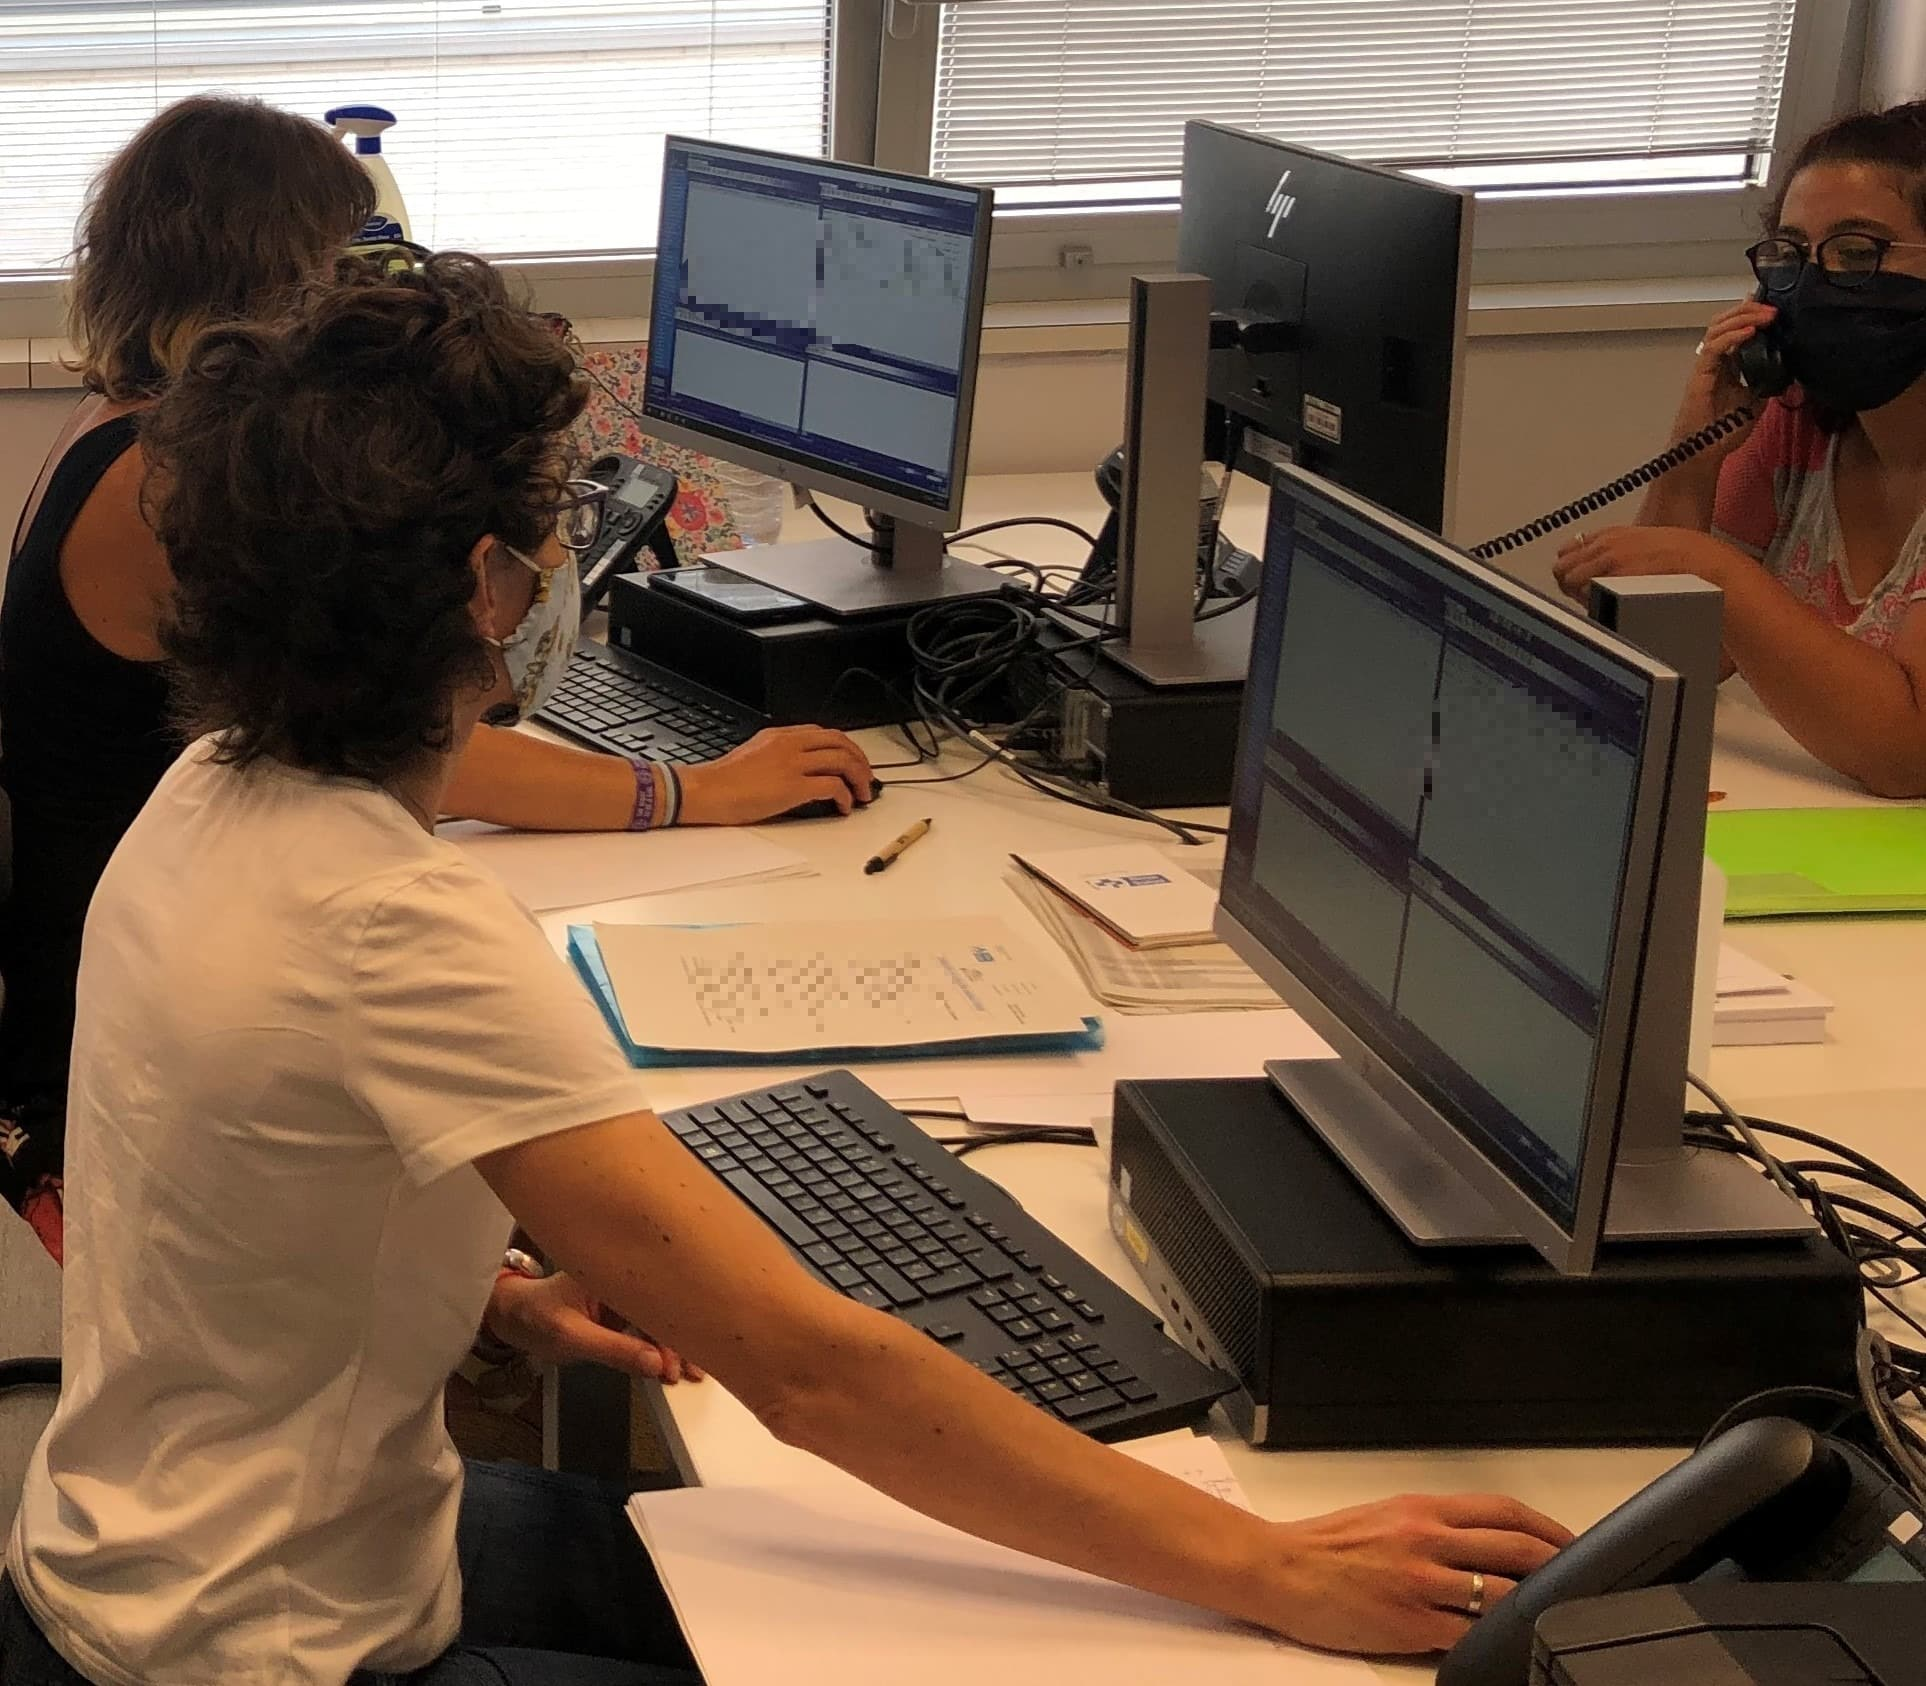 La Rioja refuerza el servicio de atención telefónica Salud Responde para atender consultas sobre el coronavirus 1